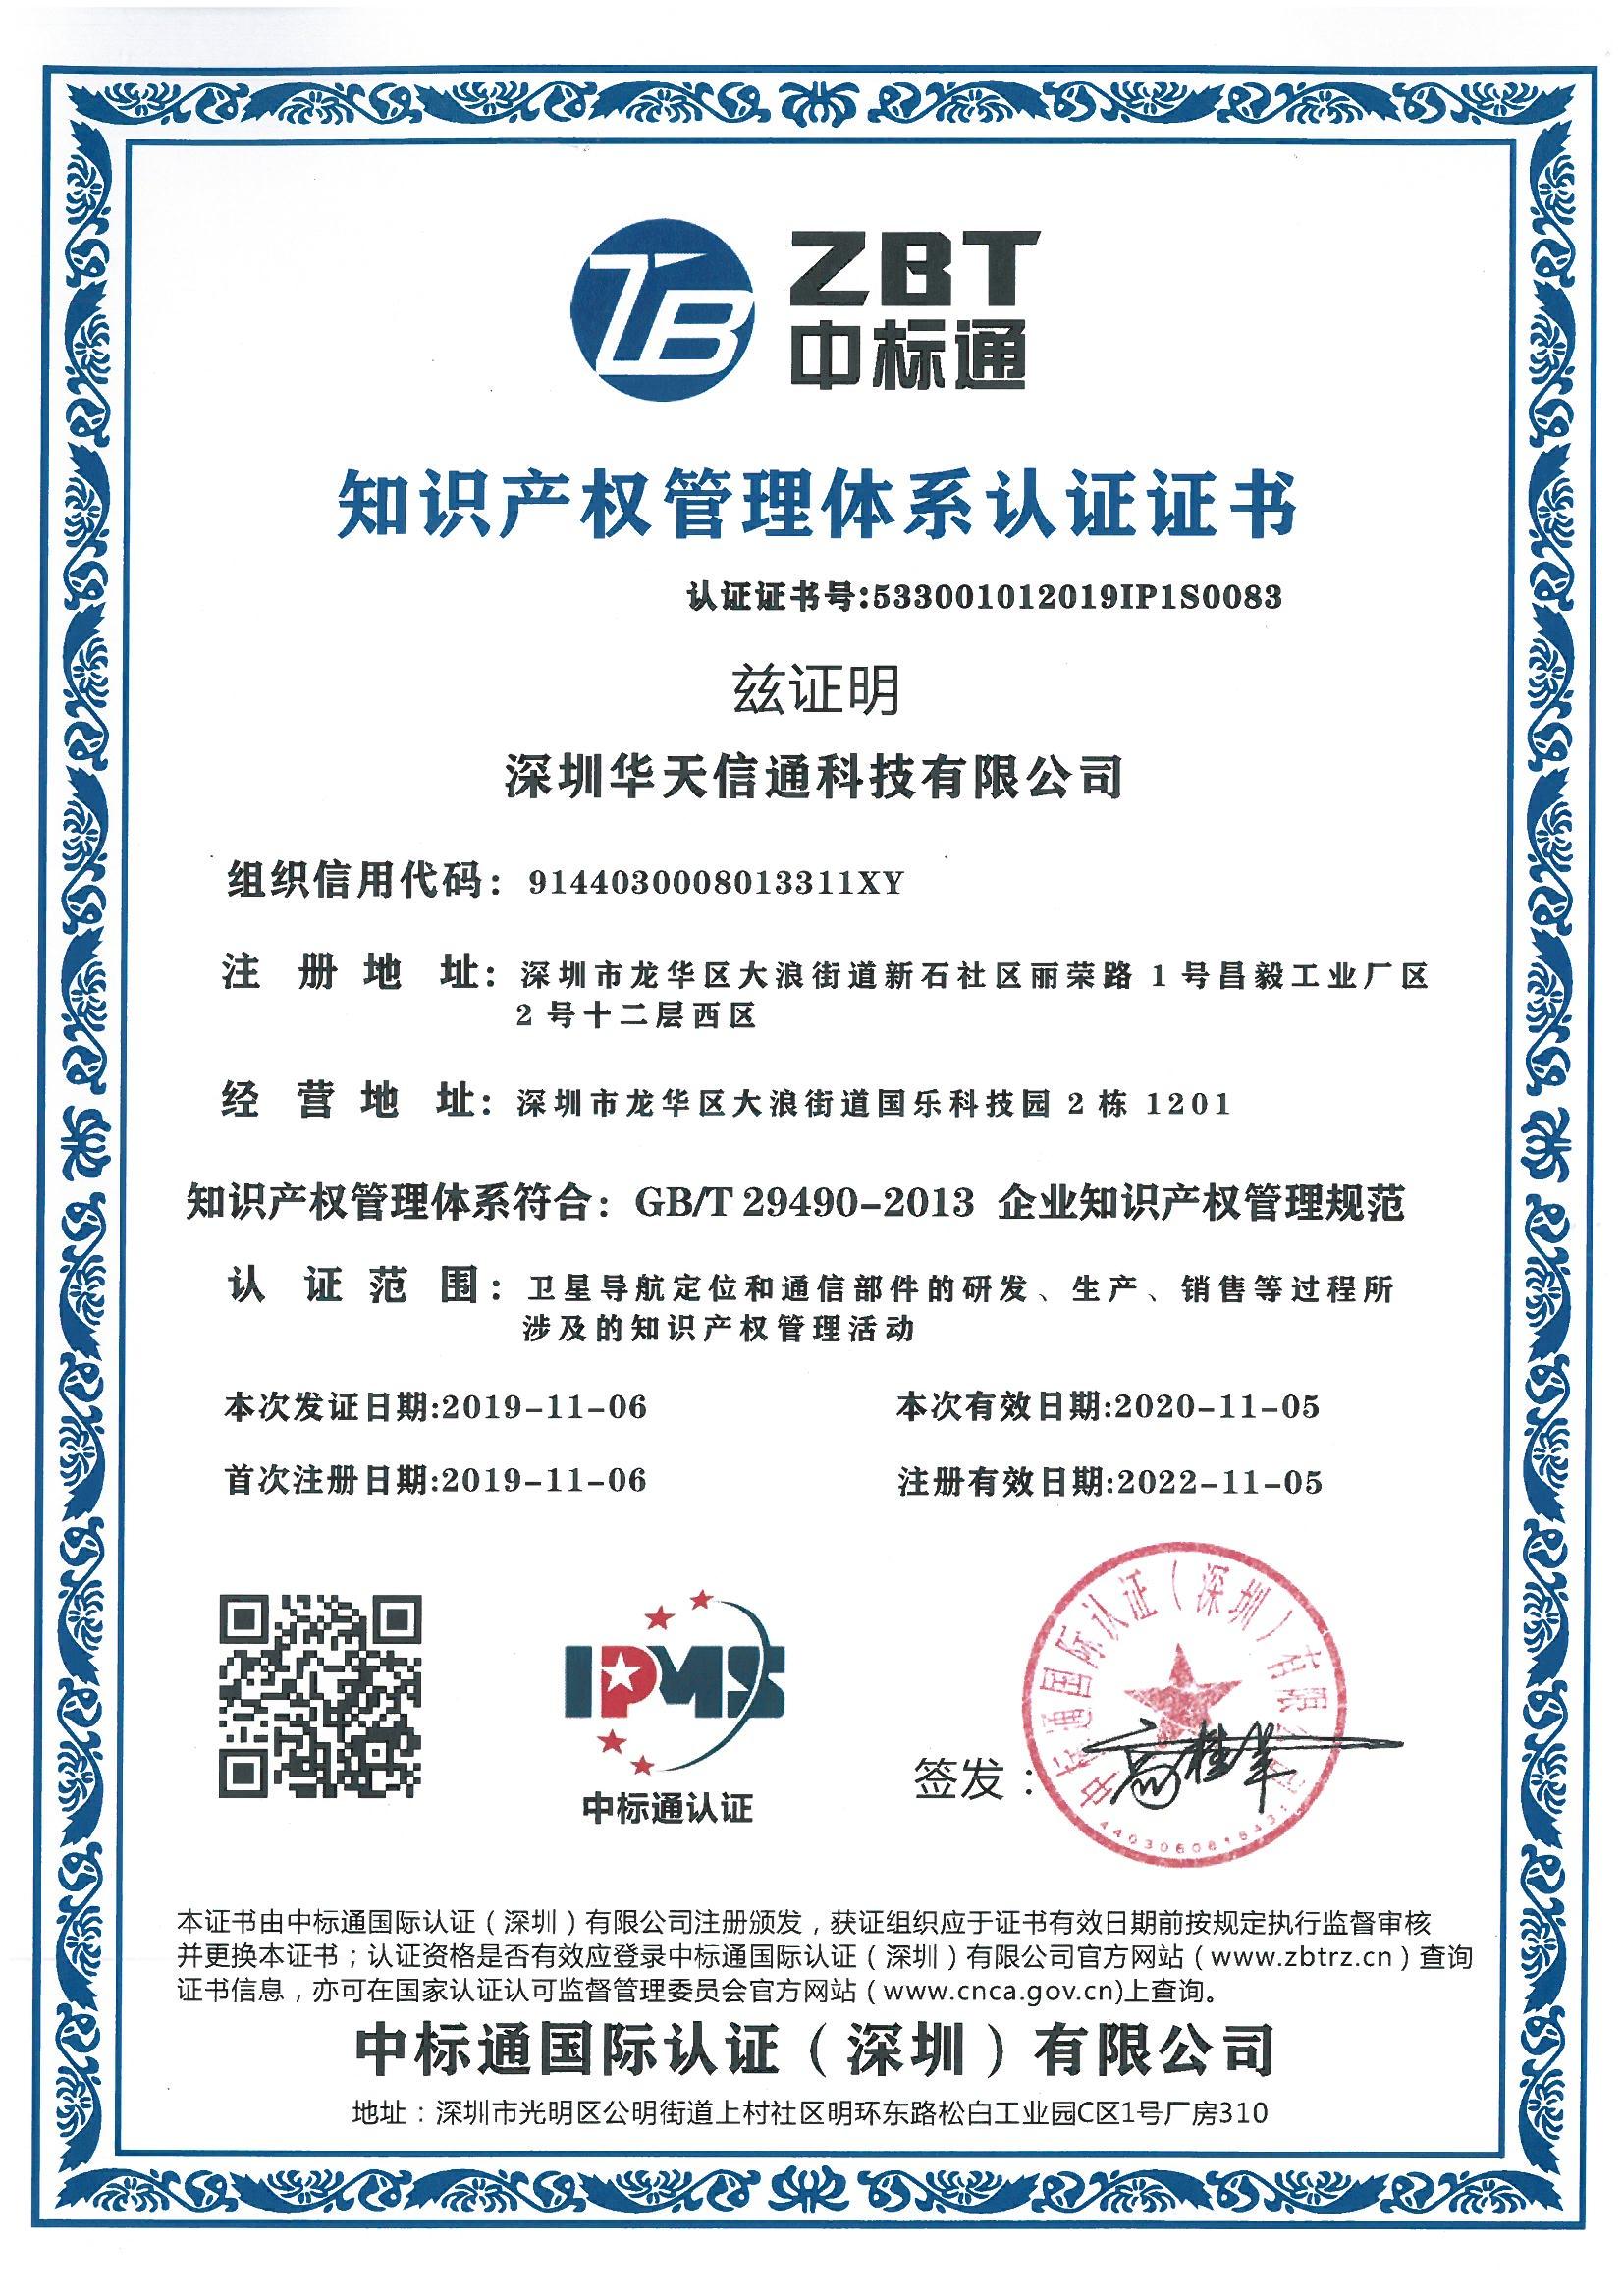 知识产权管理认证体系证书